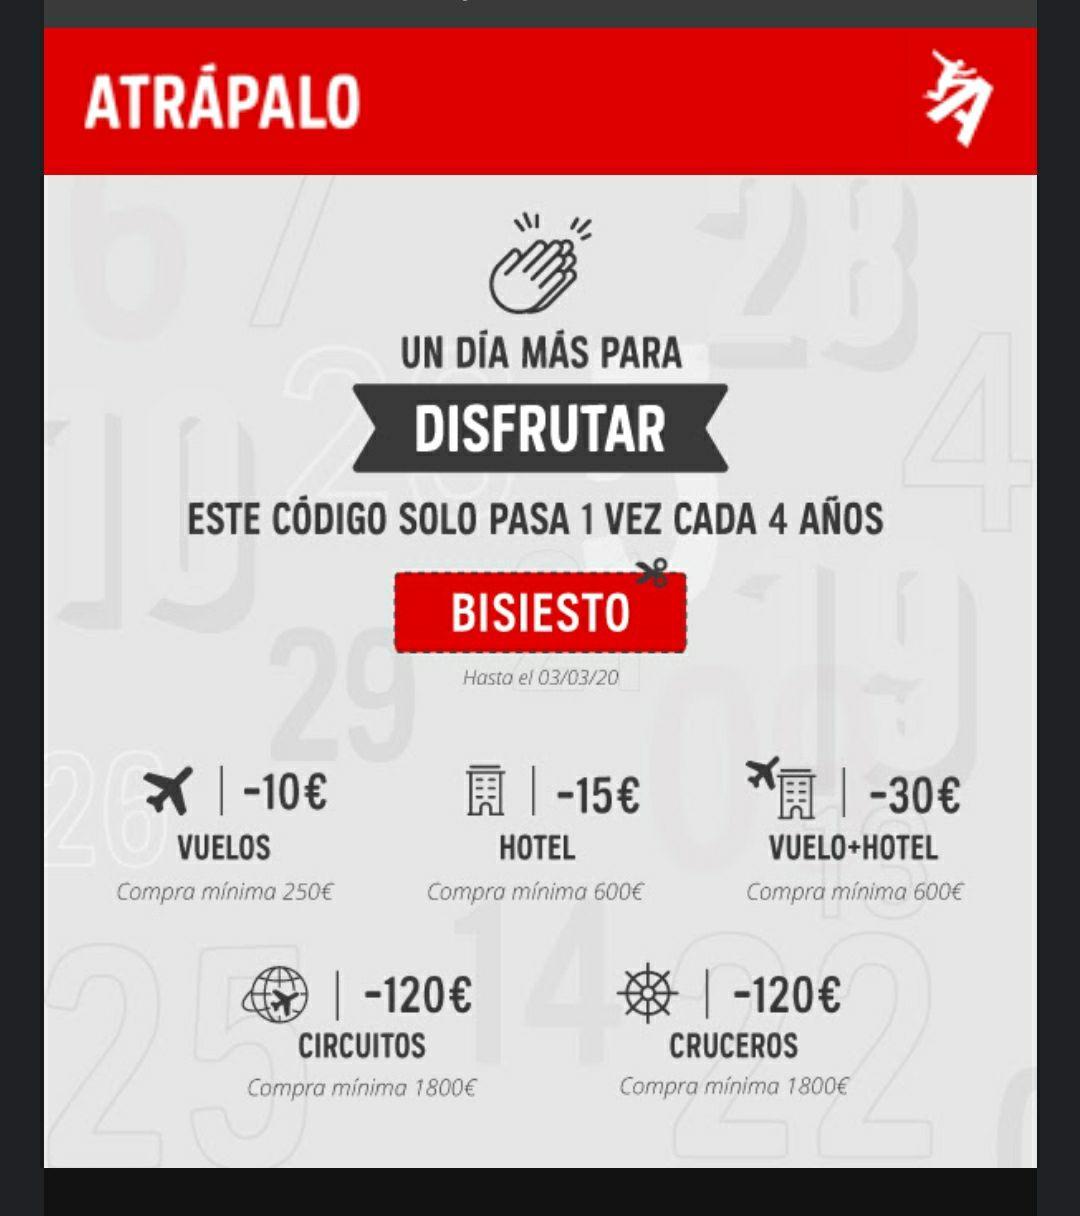 Código de descuento en ATRÁPALO. Hasta 120€